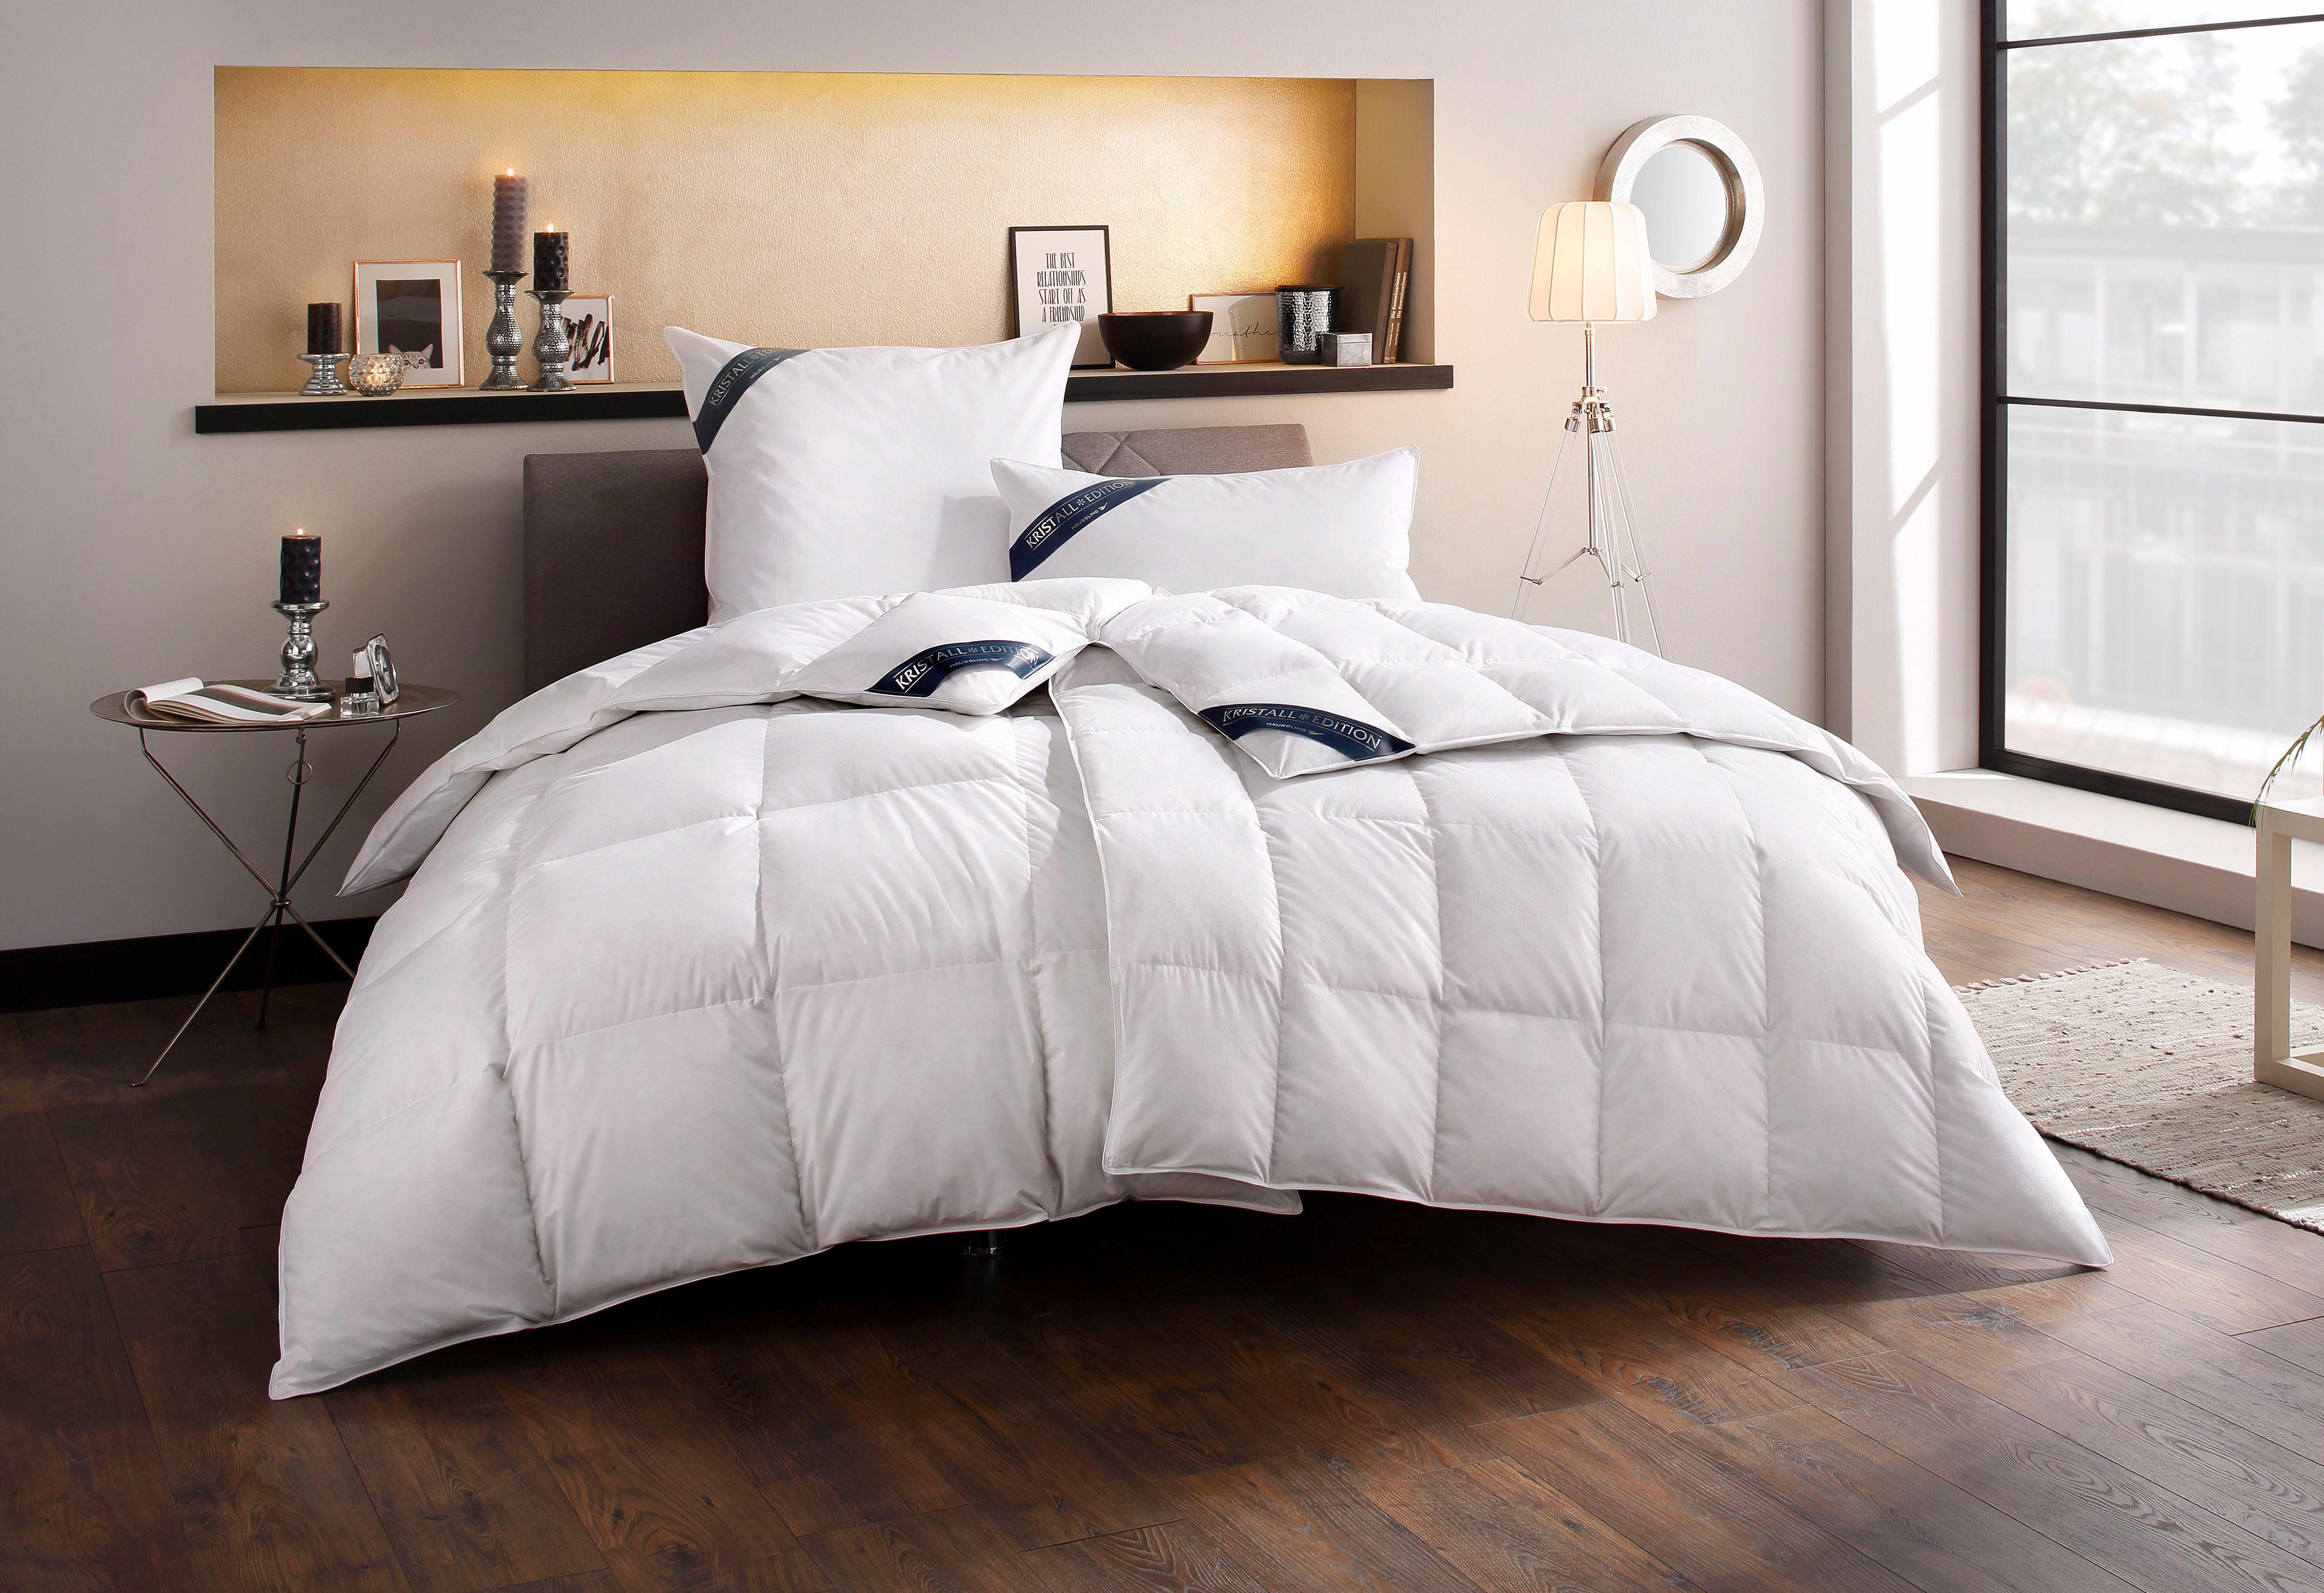 Daunenbettdecke Kristall Edition Häussling Leicht 60% Daunen 40% Federn | Heimtextilien > Decken und Kissen > Bettdecken | Federn | Häussling